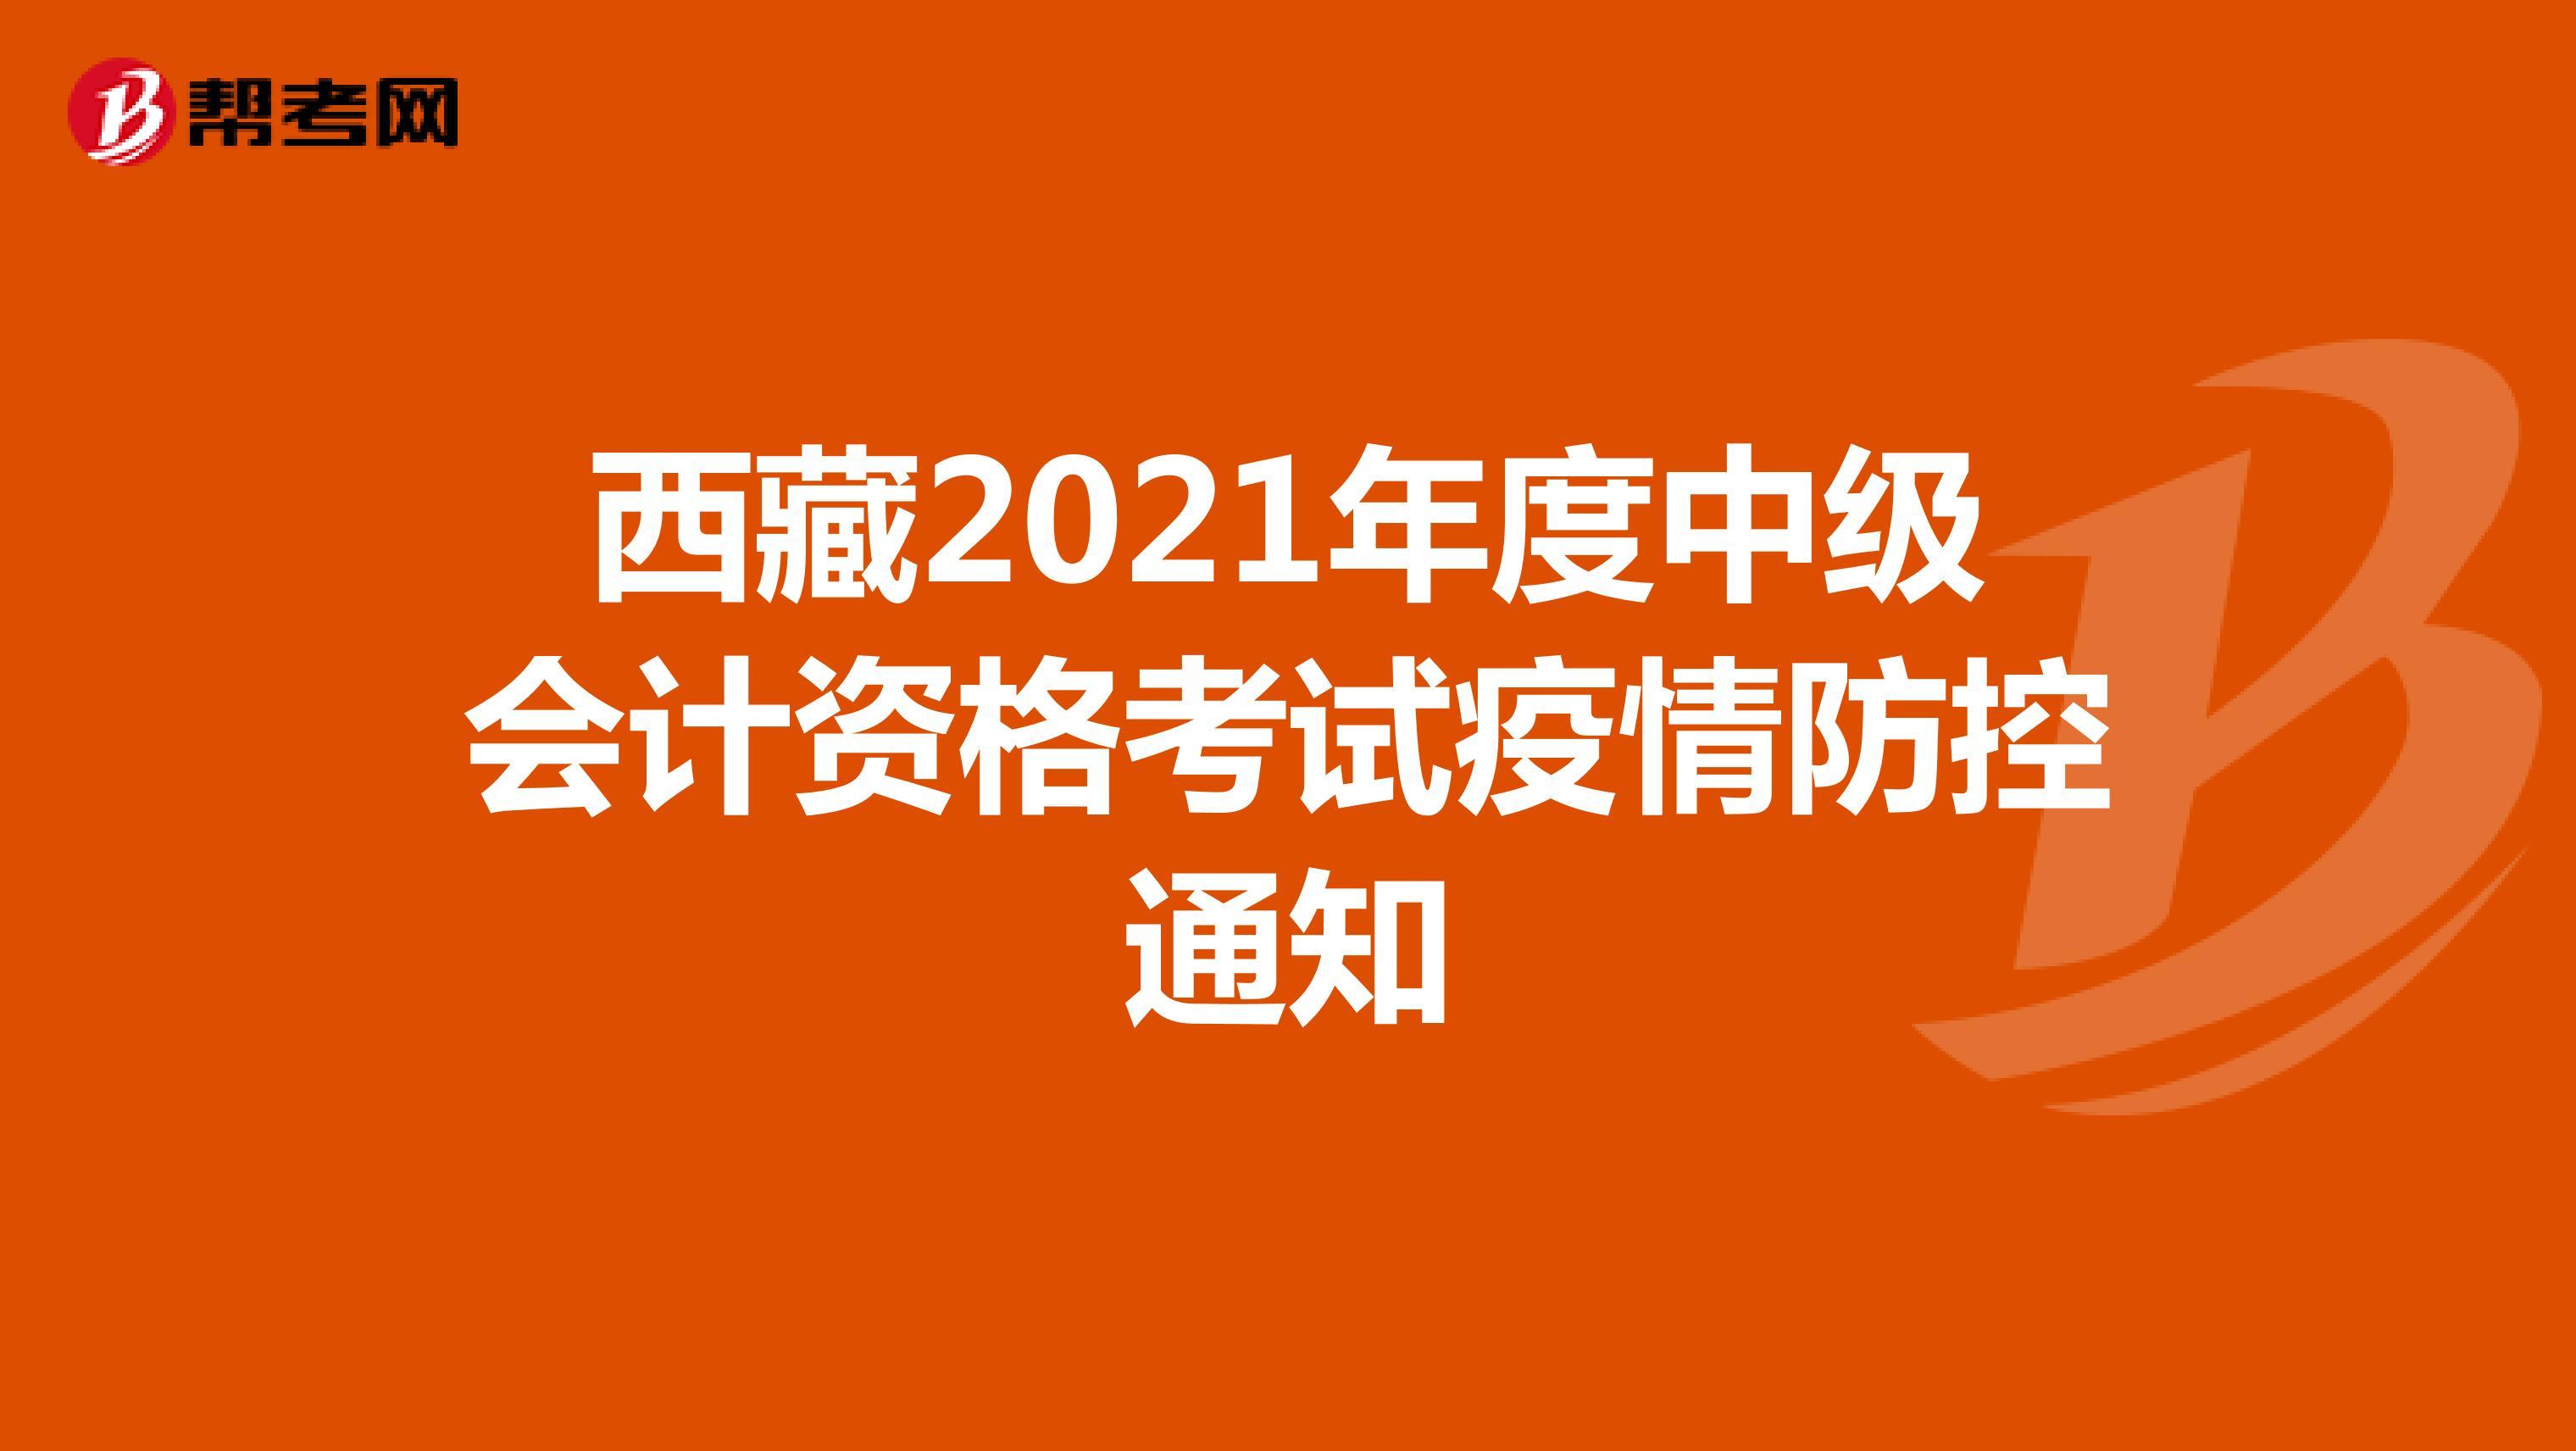 西藏2021年度中级会计资格考试疫情防控通知